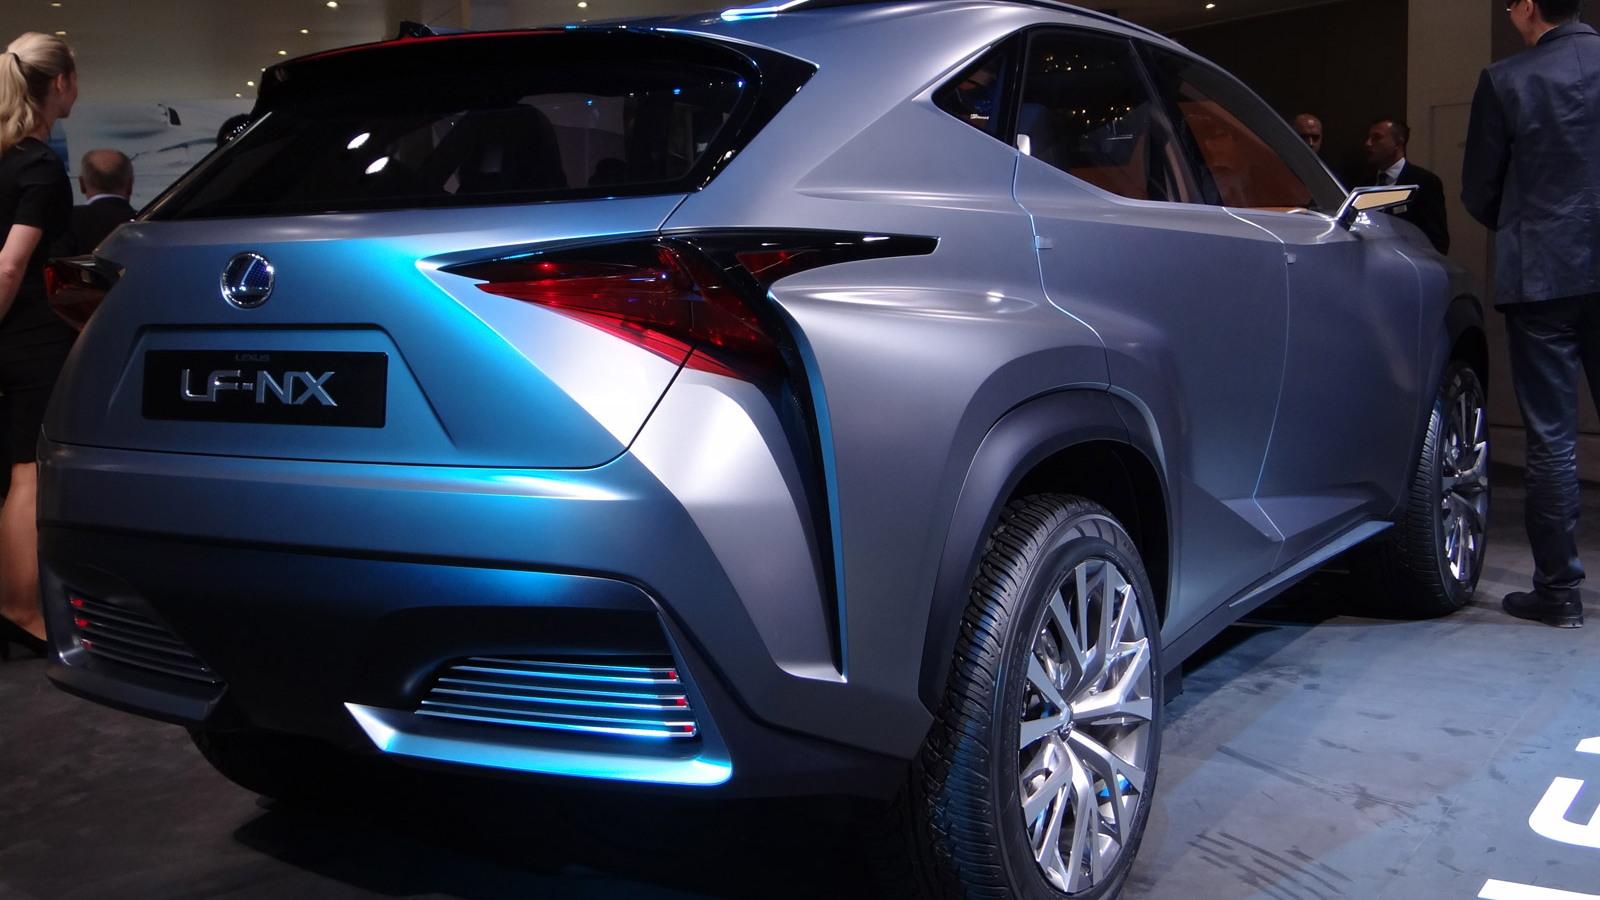 Lexus Lf Nx >> Lexus Lf Nx Concept Live Photo Gallery 2013 Frankfurt Auto Show